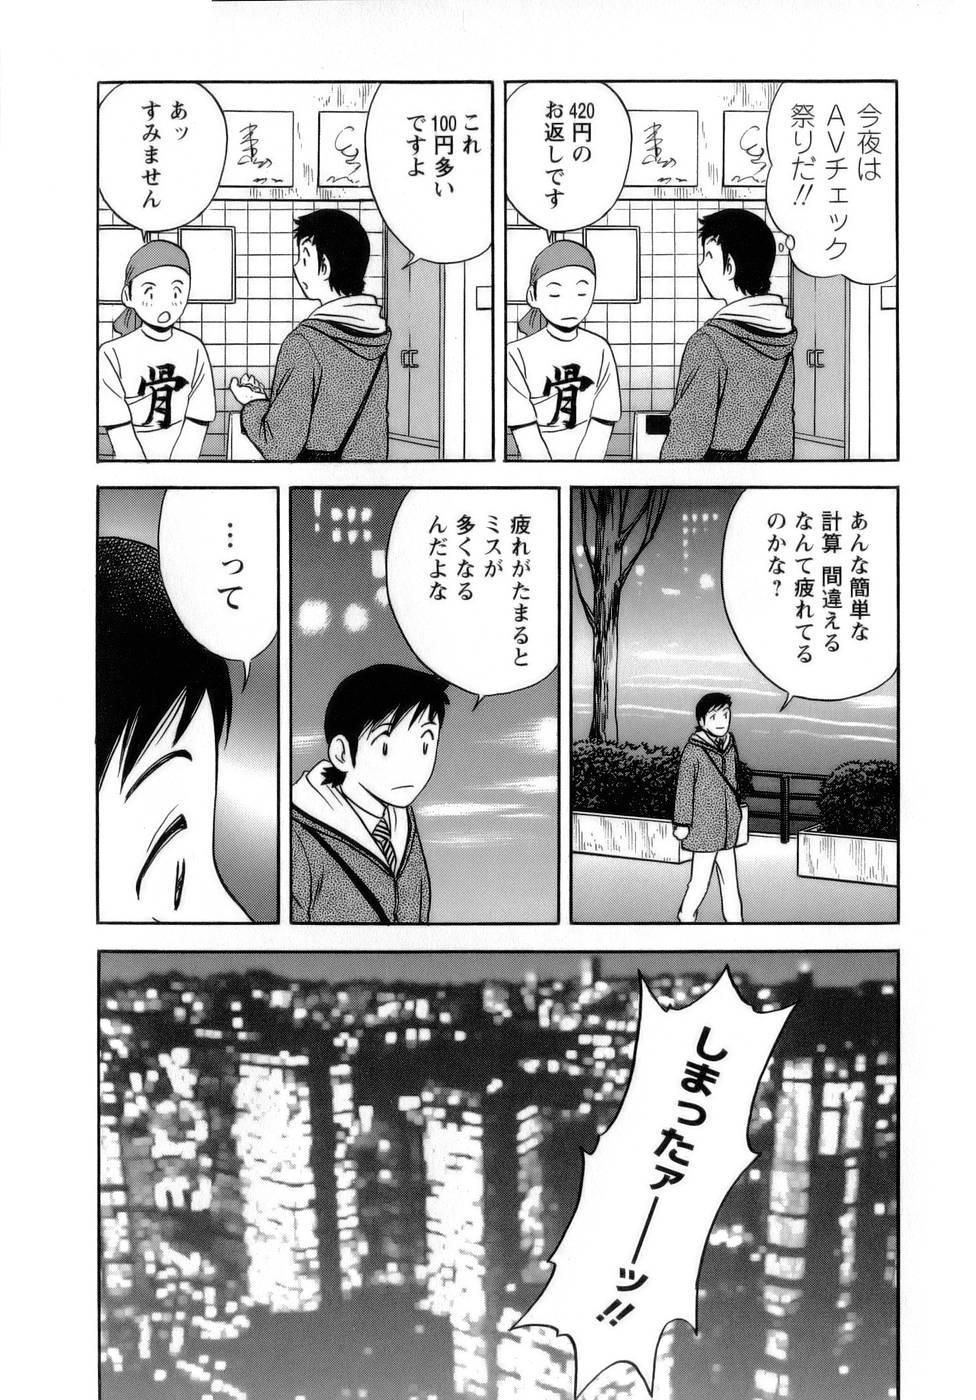 [Hidemaru] Mo-Retsu! Boin Sensei (Boing Boing Teacher) Vol.1 77